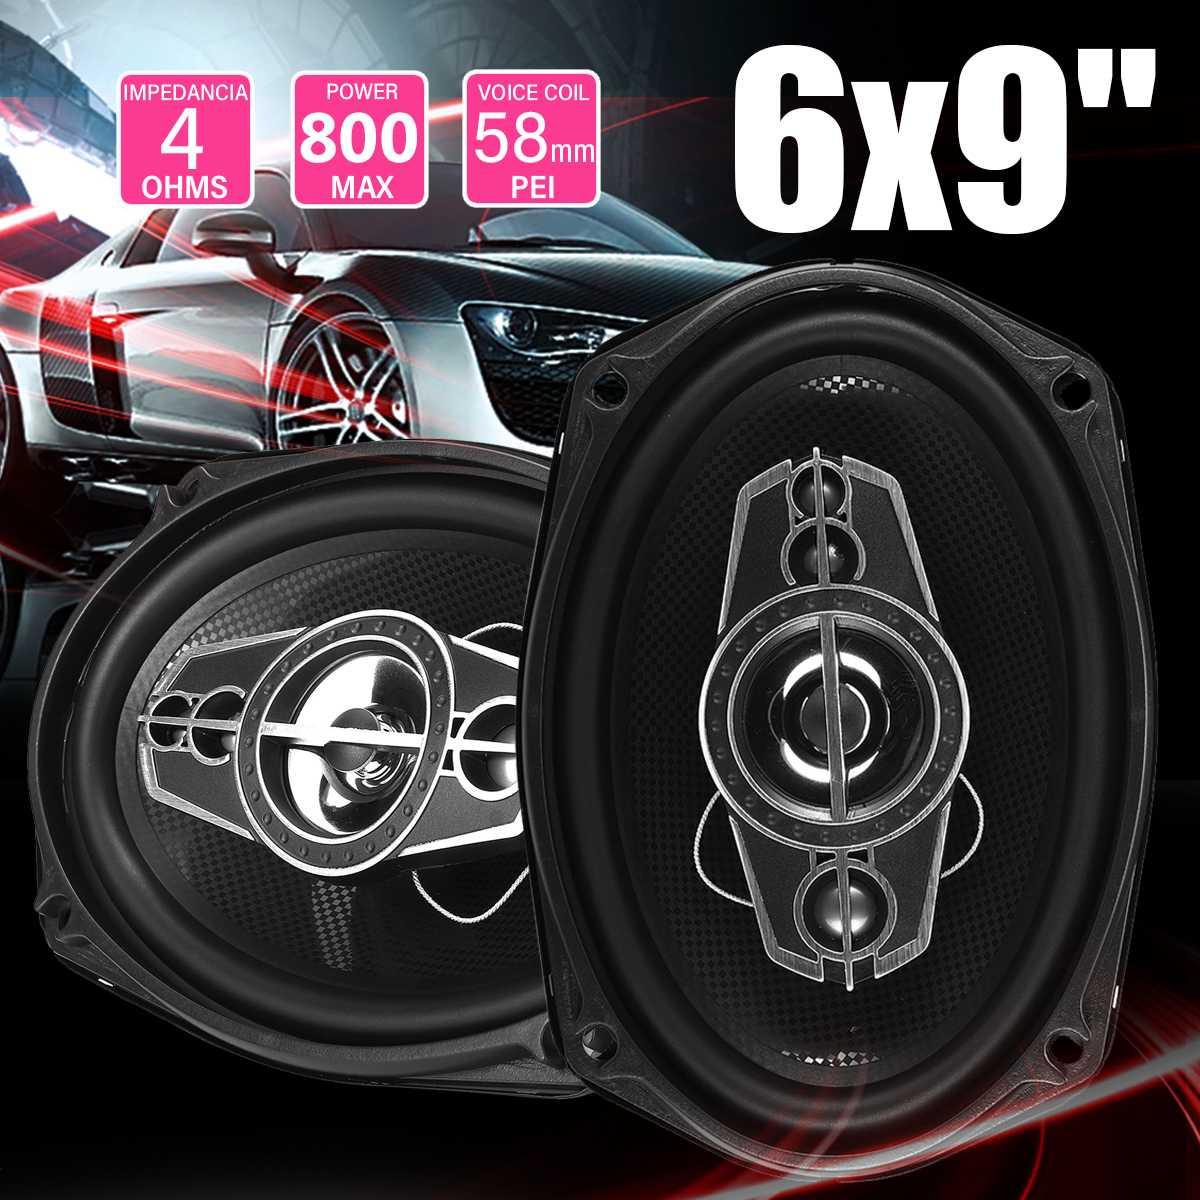 2 pièces 800 W 6x9 pouces haut-parleur de voiture et Subwoofer HIFI haut-parleur Coaxial voiture basse Tweeter Audio haut-parleur stéréo pour voitures universelles